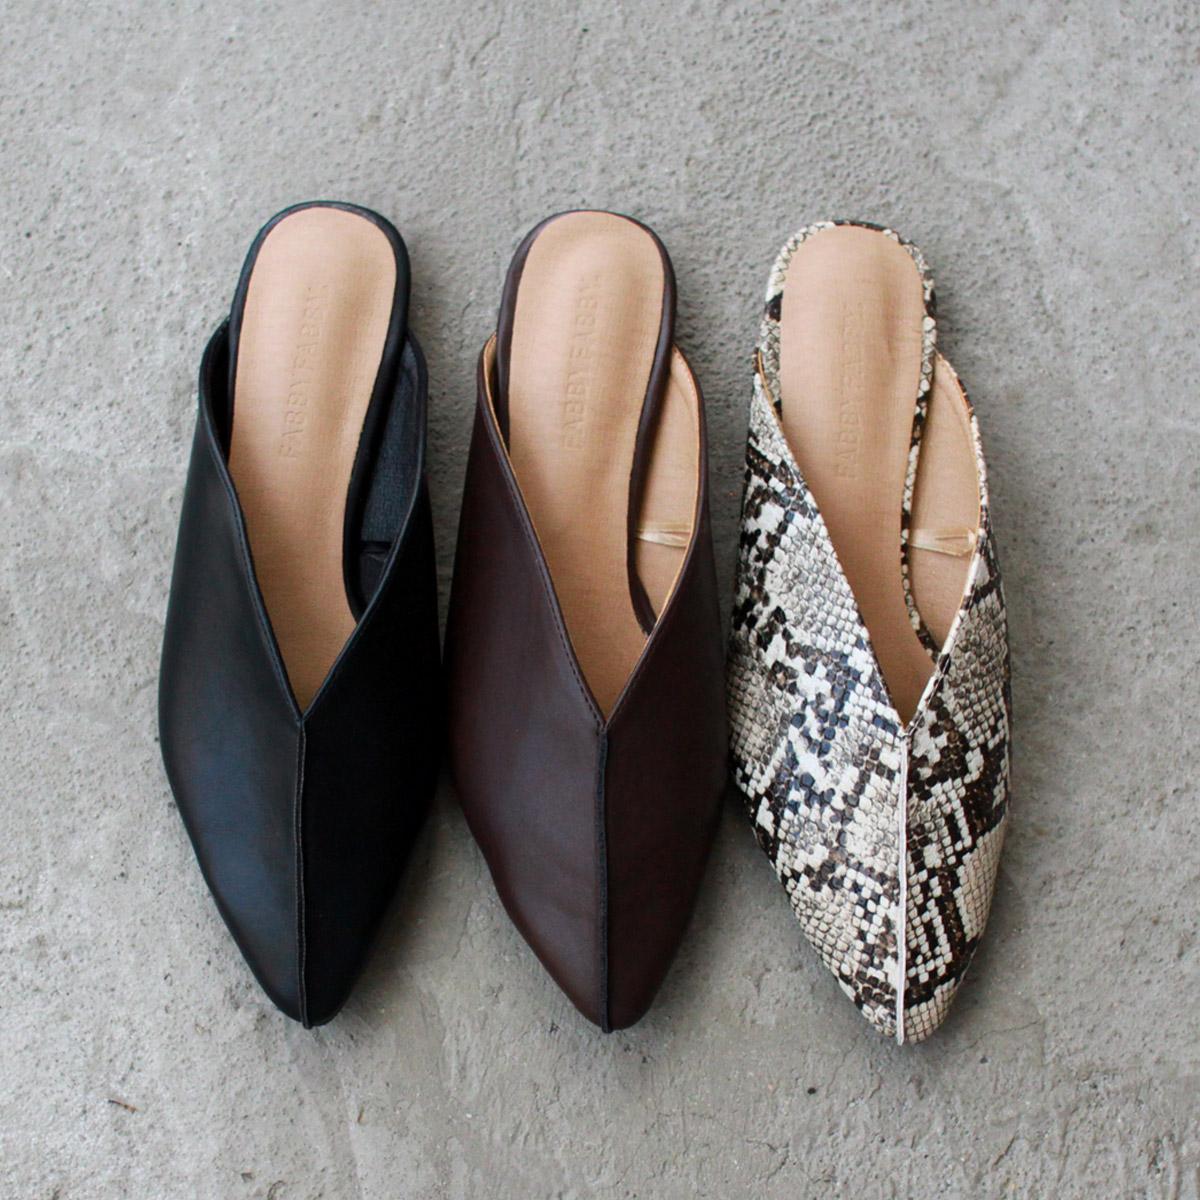 人気商品 Vカットパンプス サボサンダル ミュールサンダル Vカットミュール レディース靴 婦人靴 スリッパ ローヒール フラットヒール 6時間限定タイムセール センターシーム入り ポインテッドトゥ 20%OFFクーポン配布中 交換不可 スリッパパンプス SALE返品 バブーシュ Vカット 買収